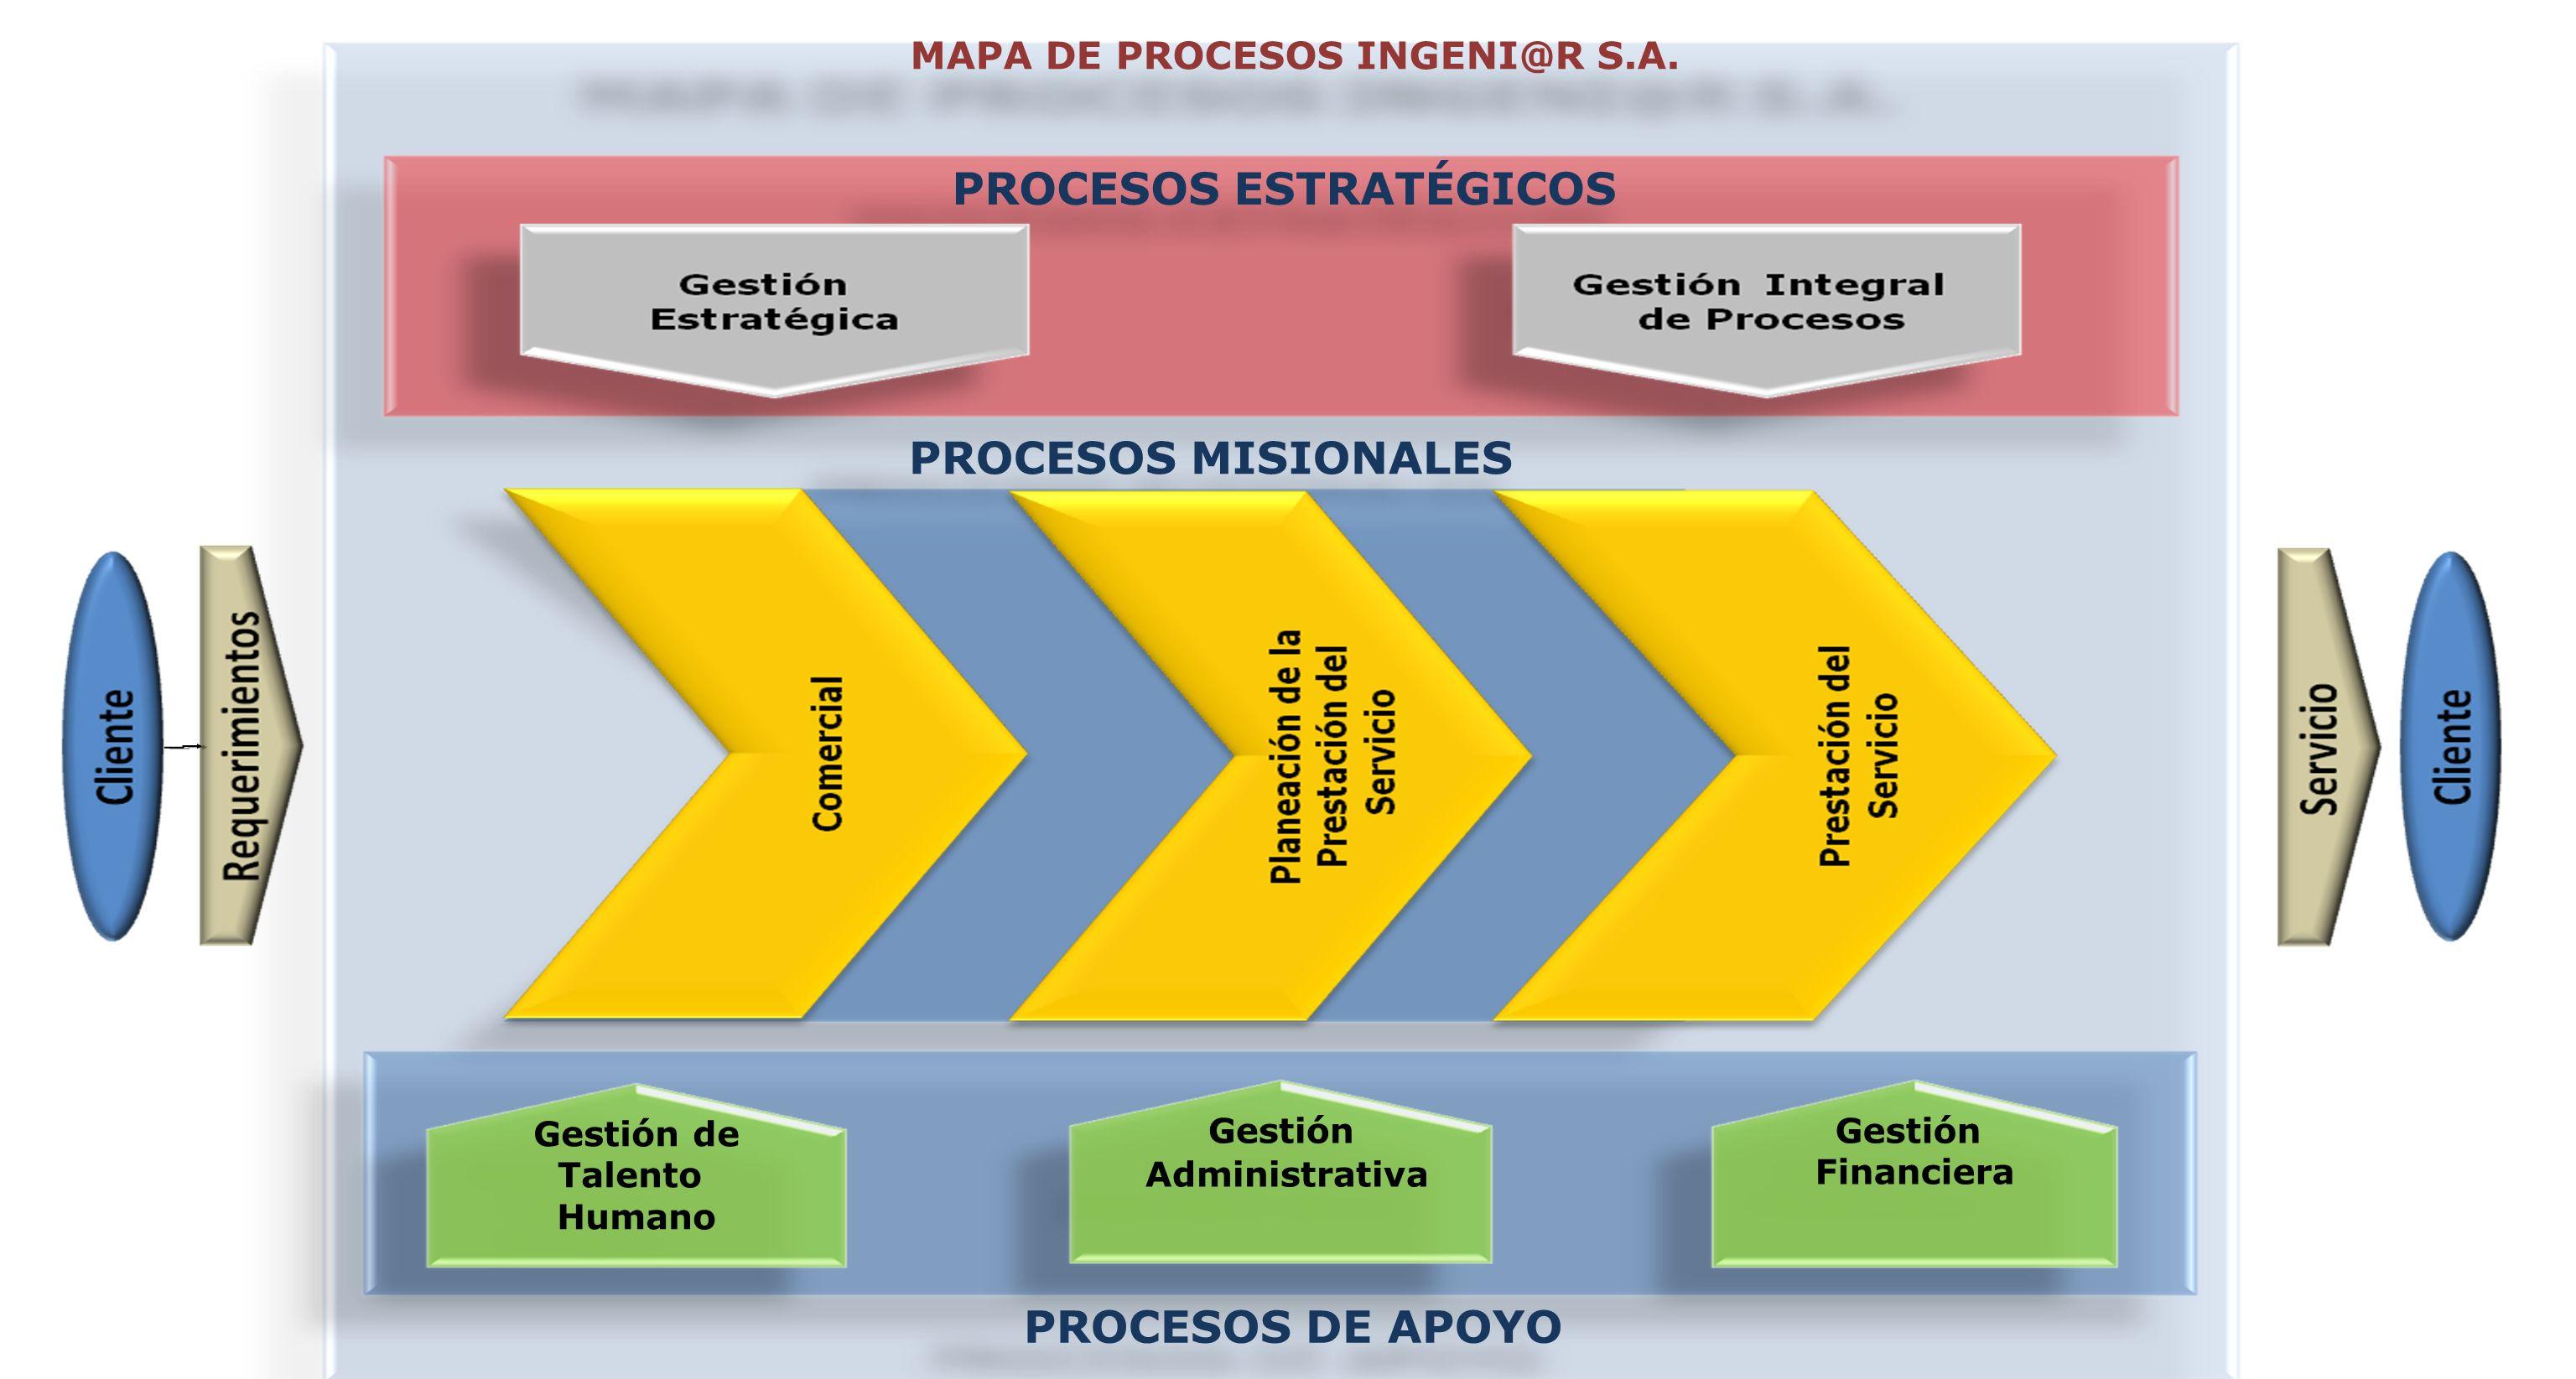 PROCESOS ESTRATÉGICOS PROCESOS DE APOYO PROCESOS MISIONALES MAPA DE PROCESOS INGENI@R S.A. Gestión de Talento Humano Gestión Administrativa Gestión Fi